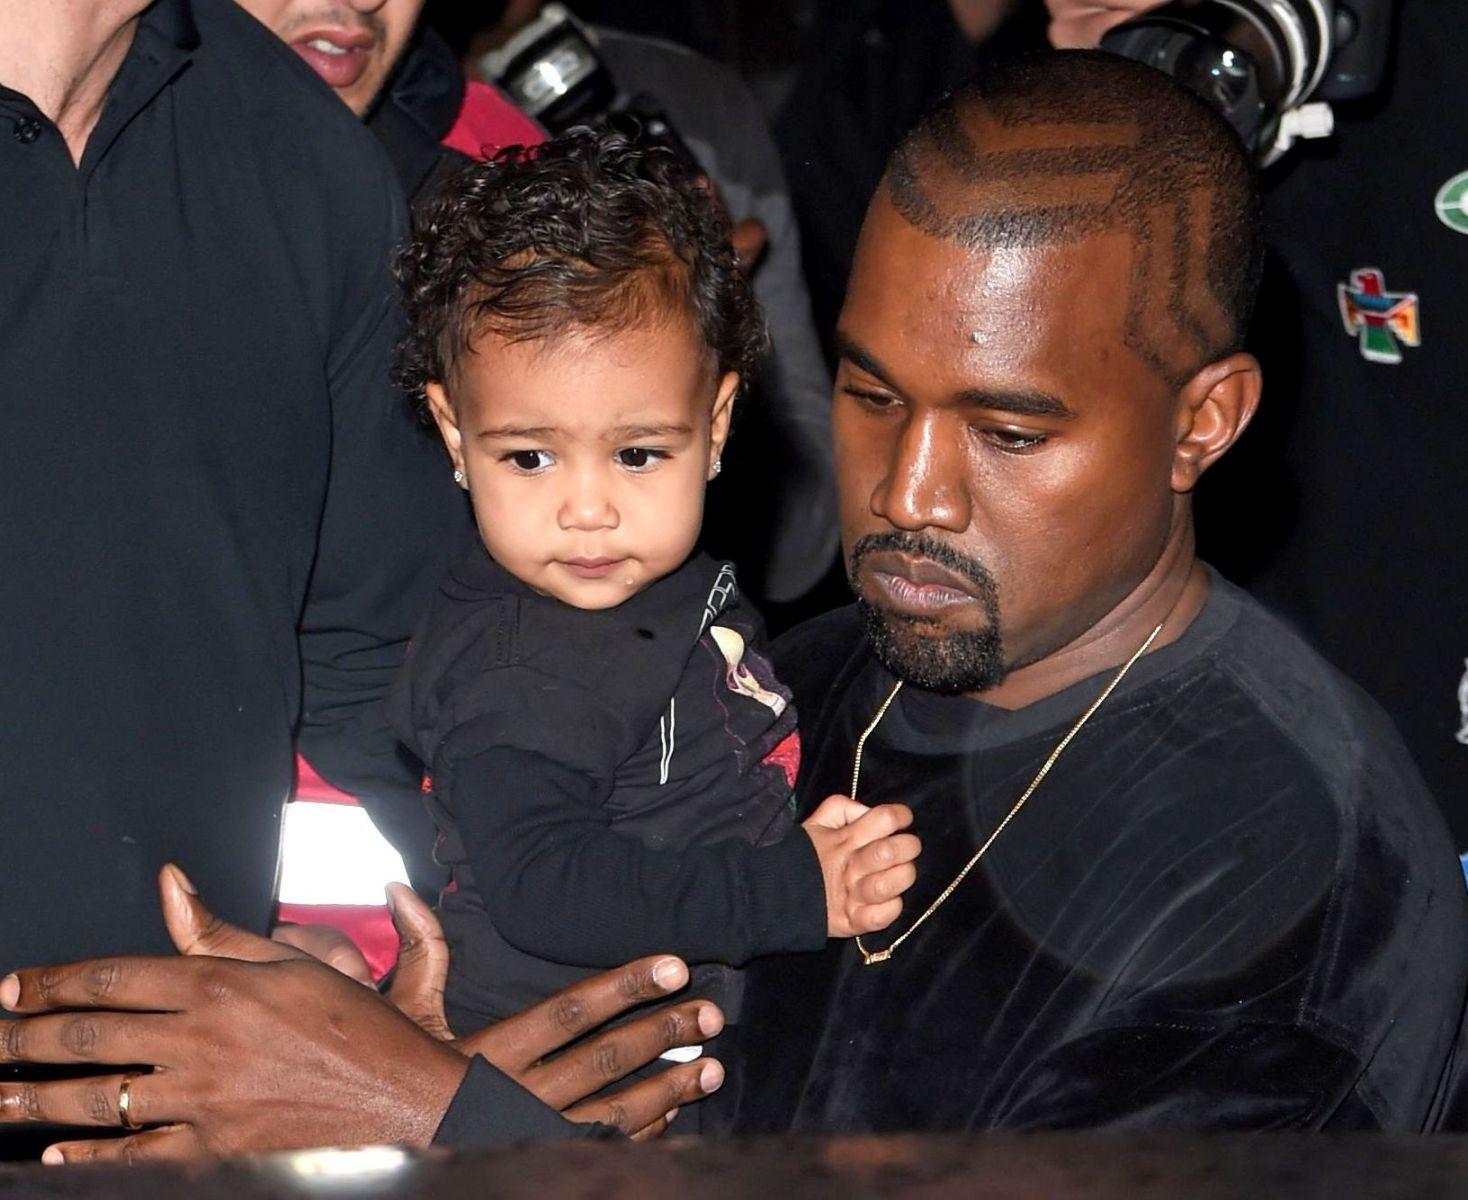 Официально: Ким Кардашьян ждет второго ребенка